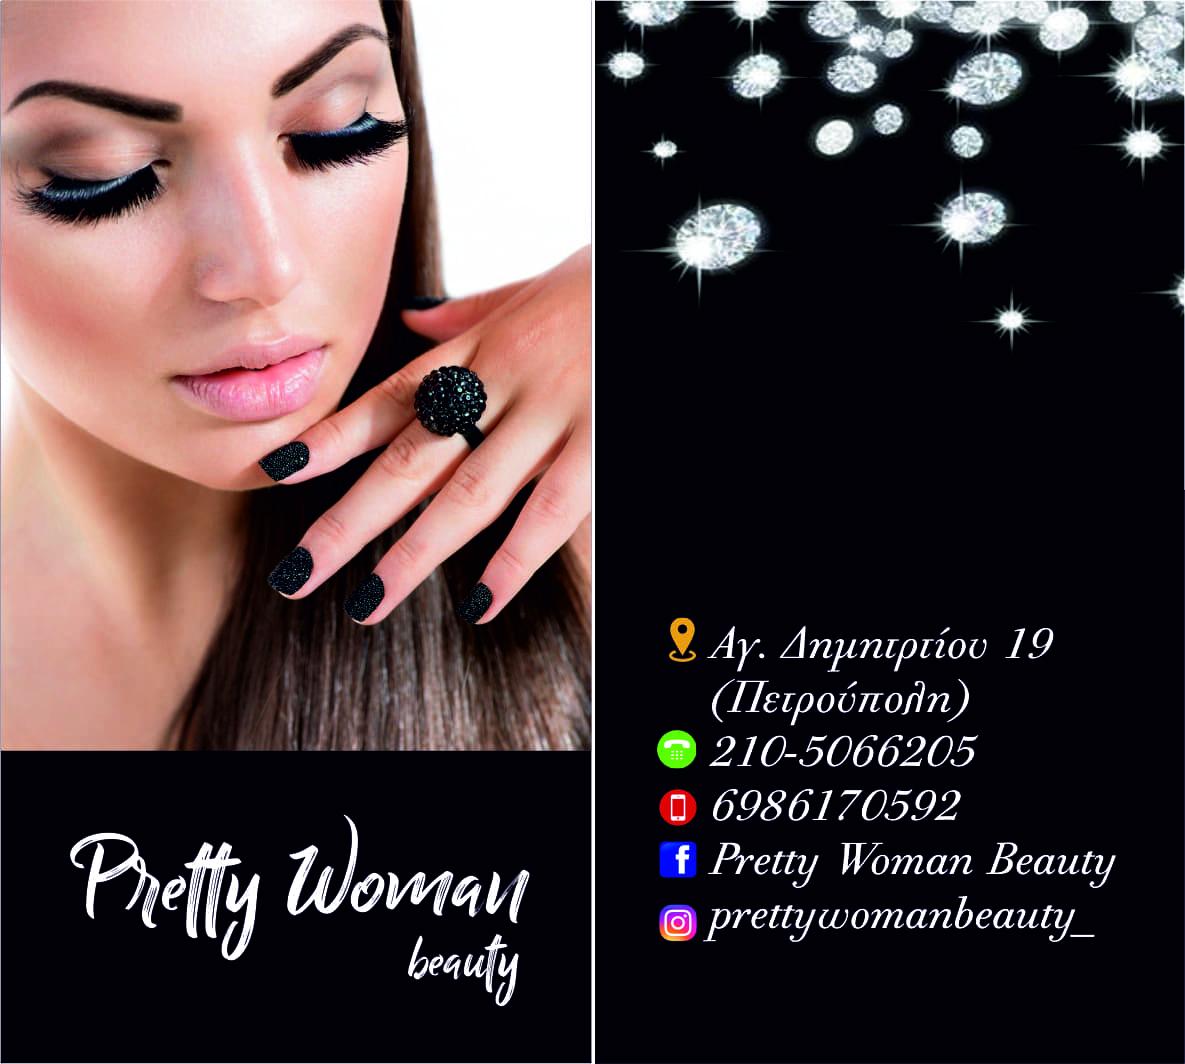 Εκτυπώσεις - Φωτοτυπίες - Γραφιστικά | Pretty Woman